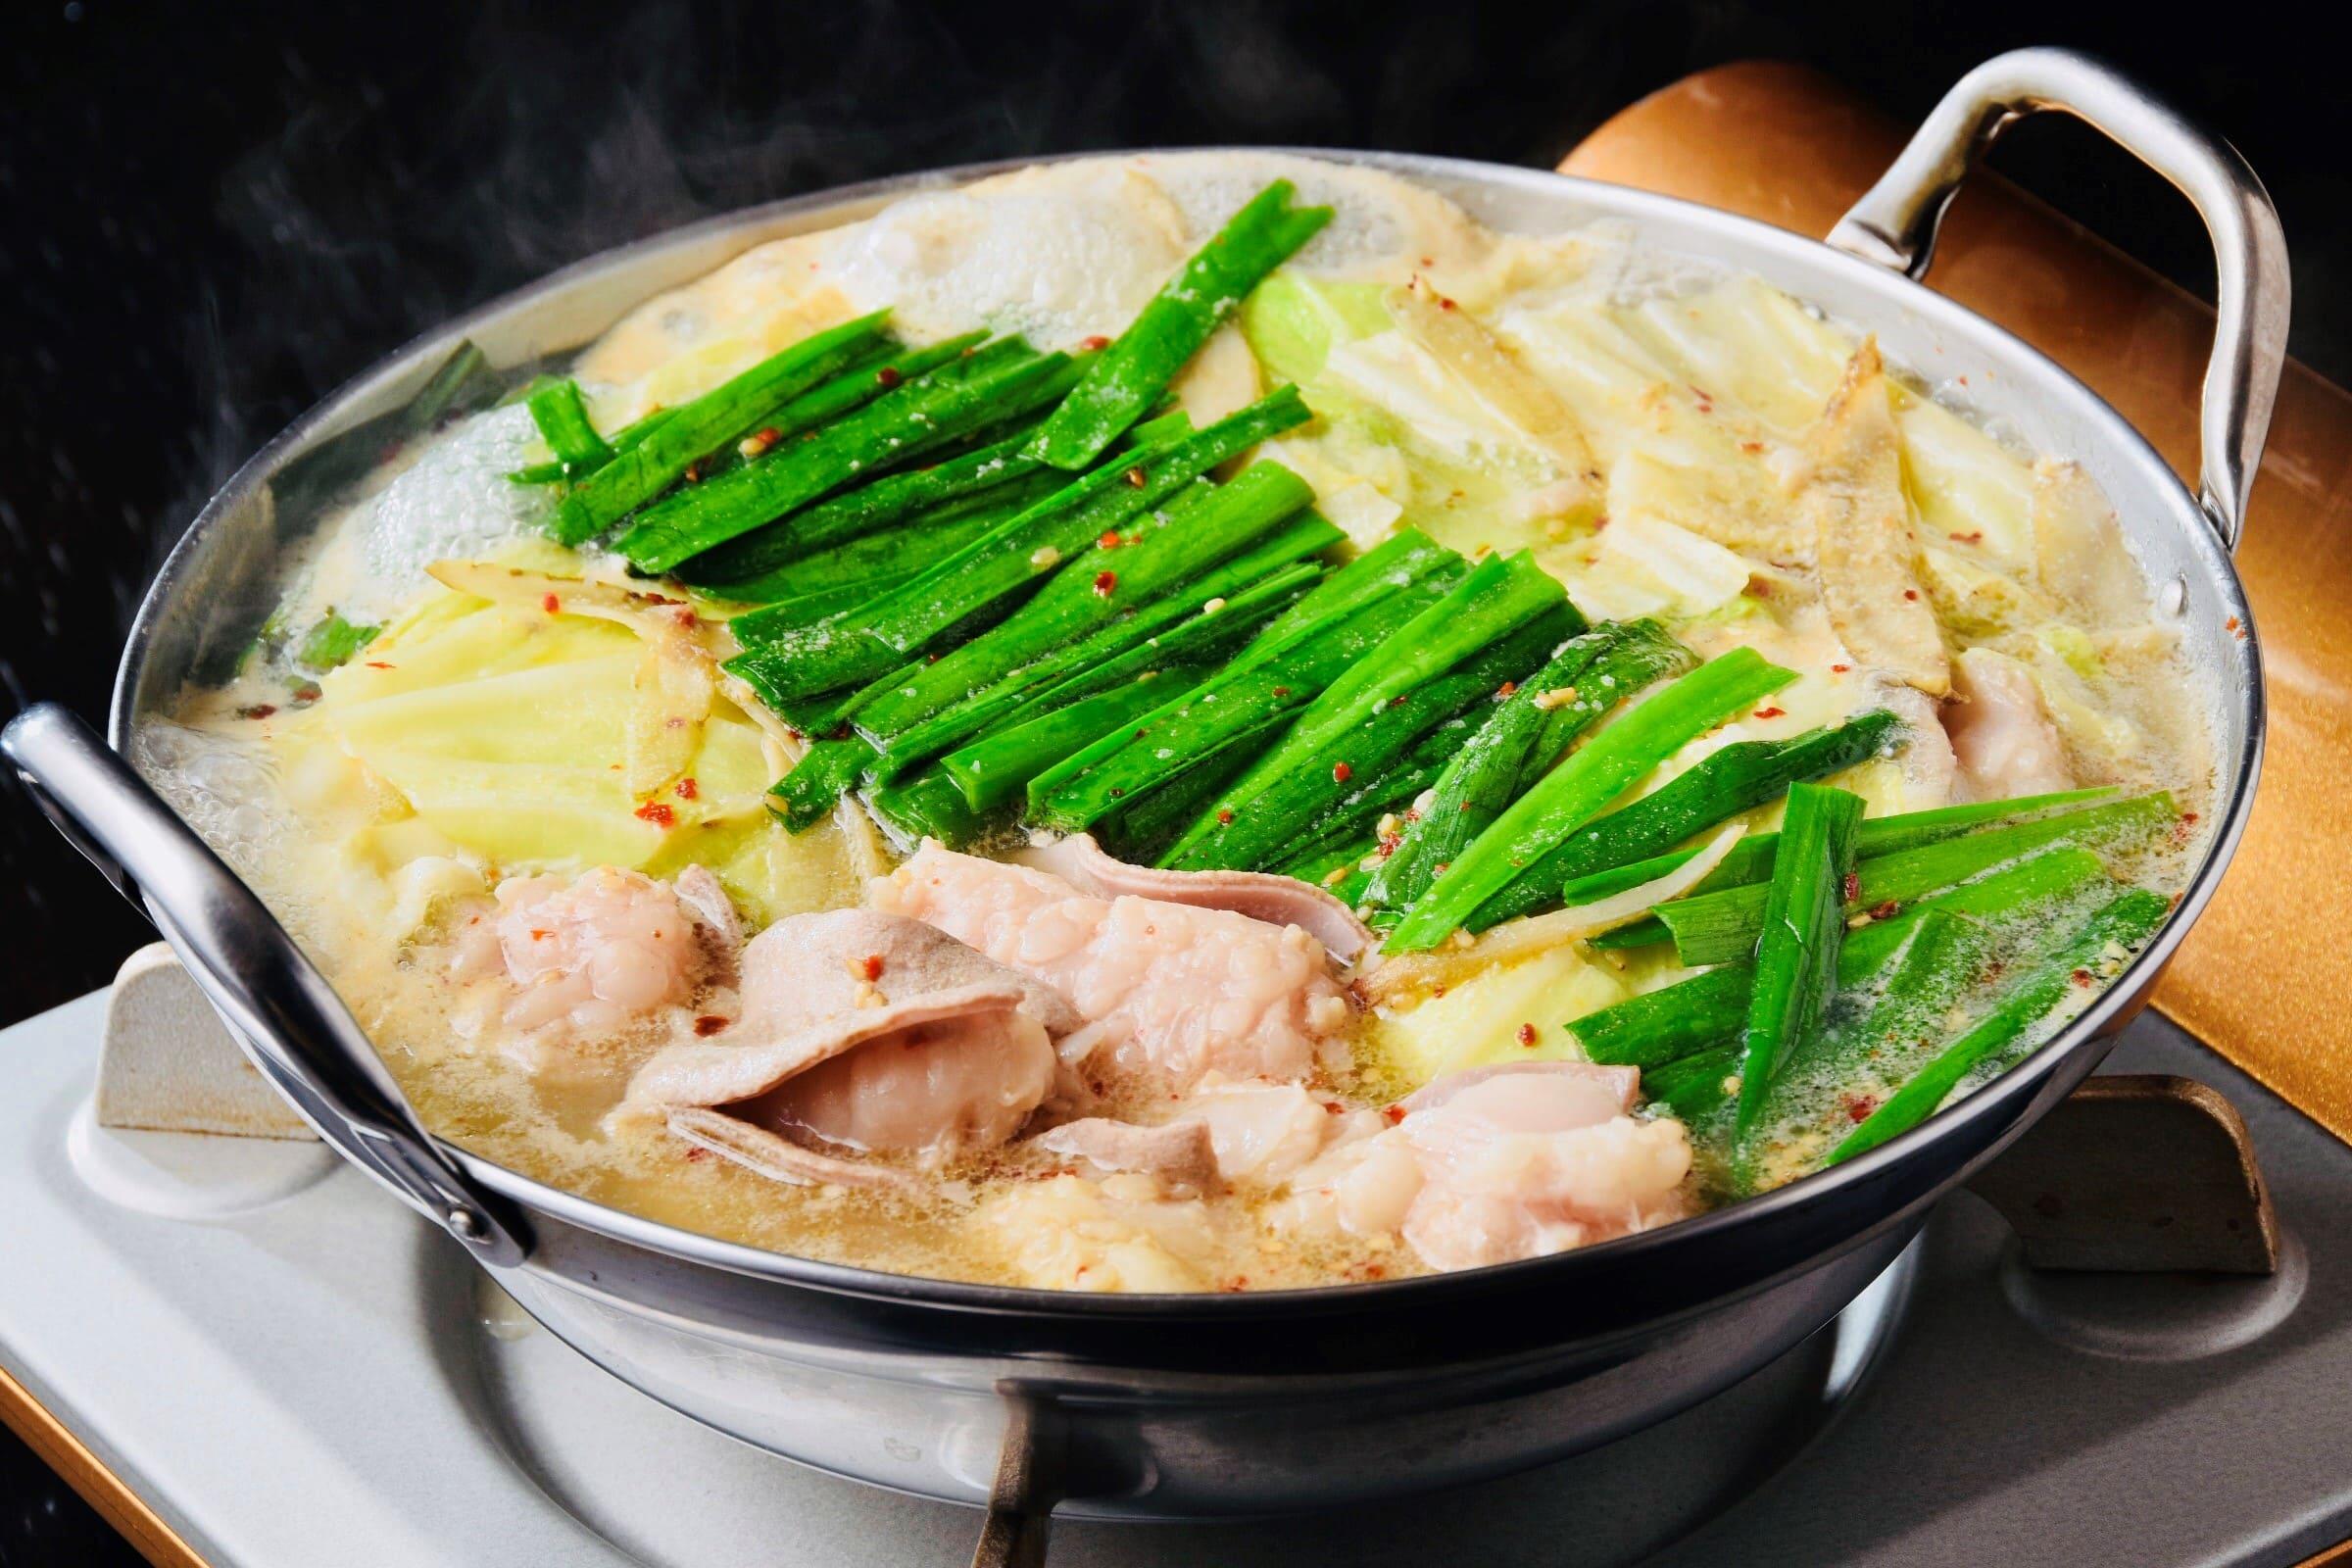 店舗で1番人気の『もつ鍋』プルプルのモツを是非。材料:国産牛もつ・キャベツ・にら・ごぼう・胡麻・唐辛子(2~3人前)。※お客様の自宅で水を720ml入れて調理していただく必要があります。